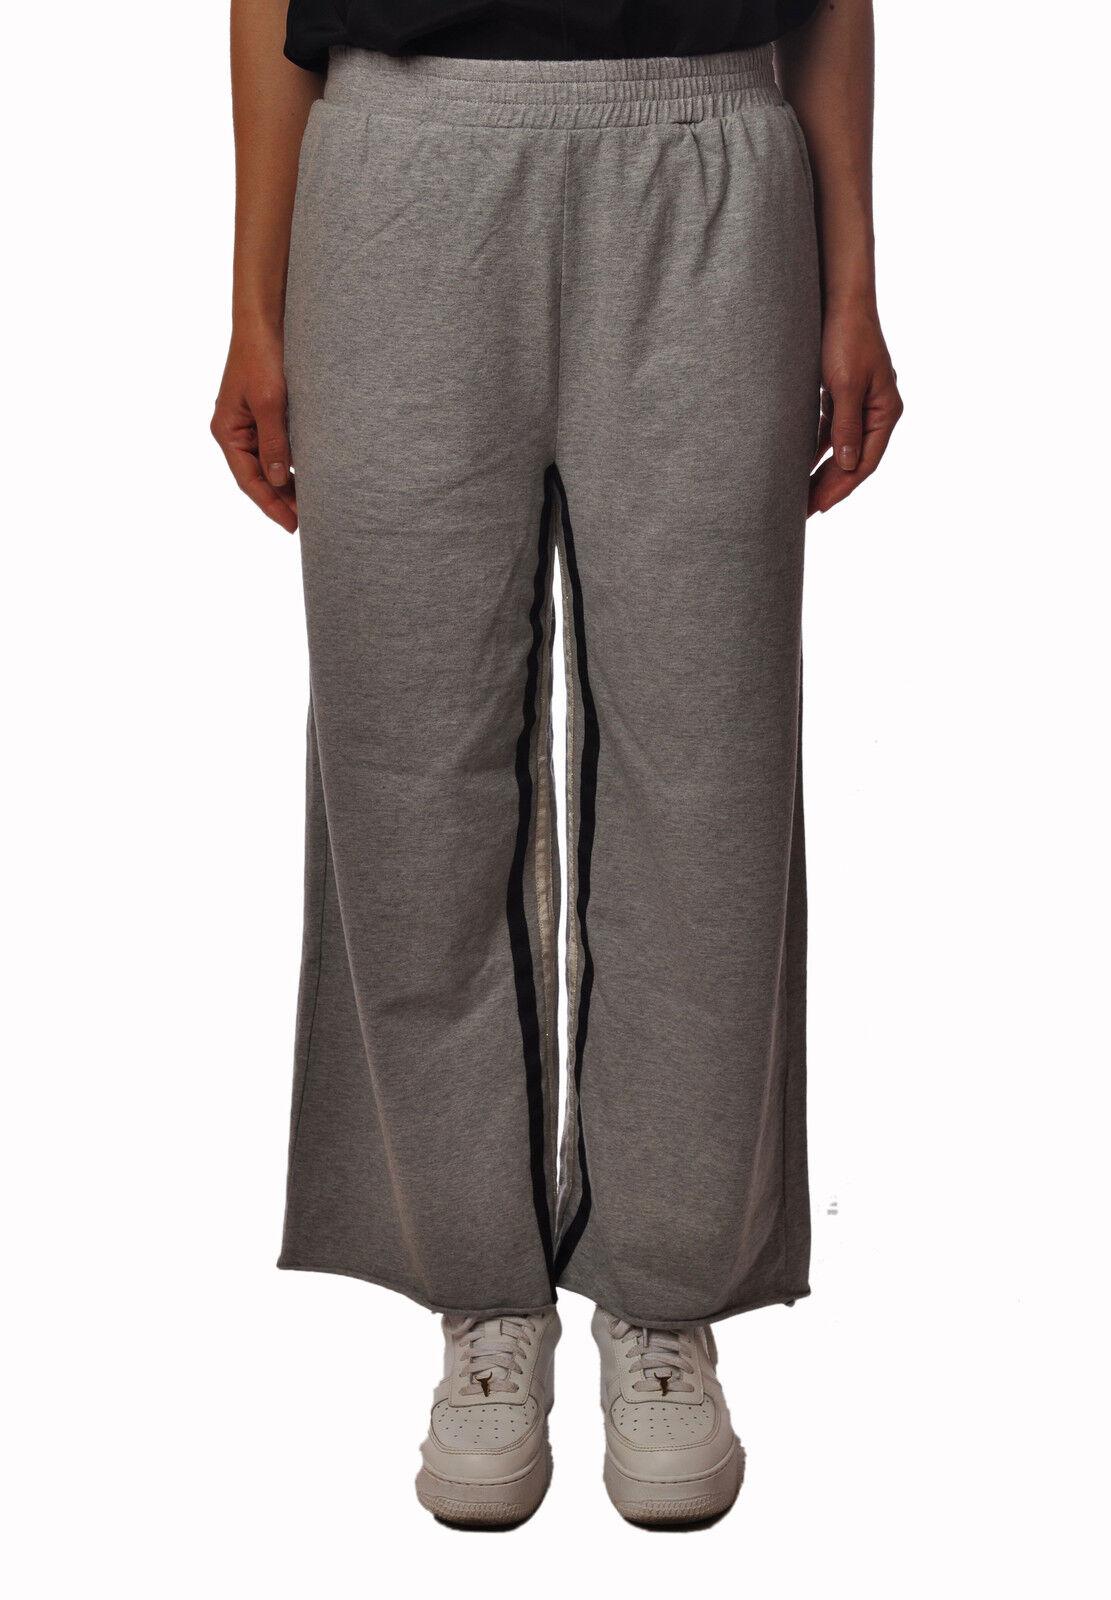 8pm  -  Pants - Female - Grey - 3634625A183906